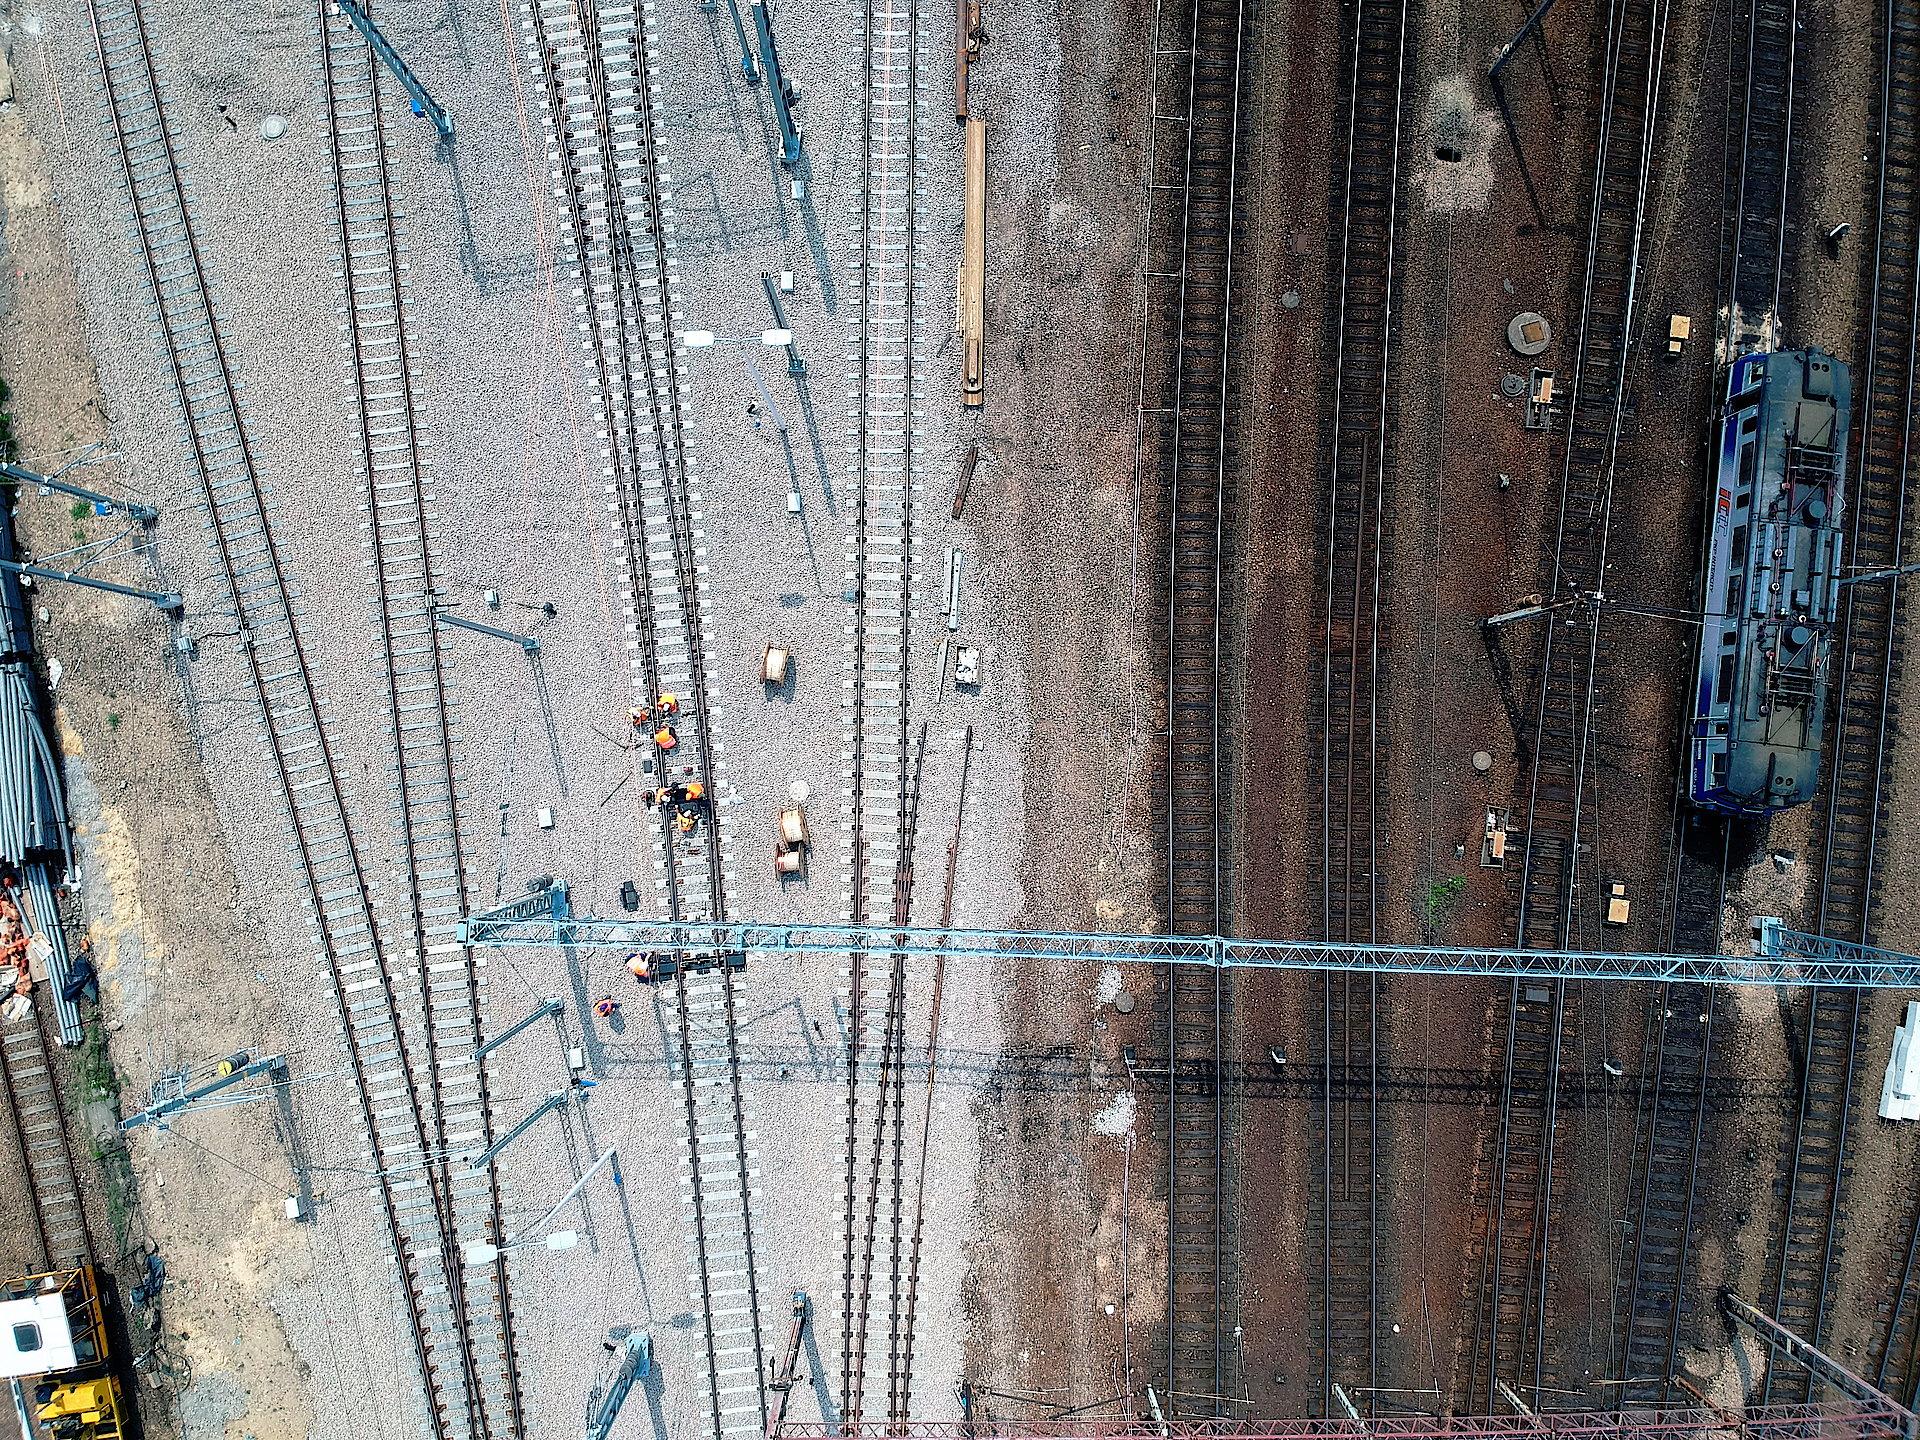 NaKolei.pl - Praca na linii średnicowej w Krakowie wre. Będzie mniej przerw w kursowaniu pociągów